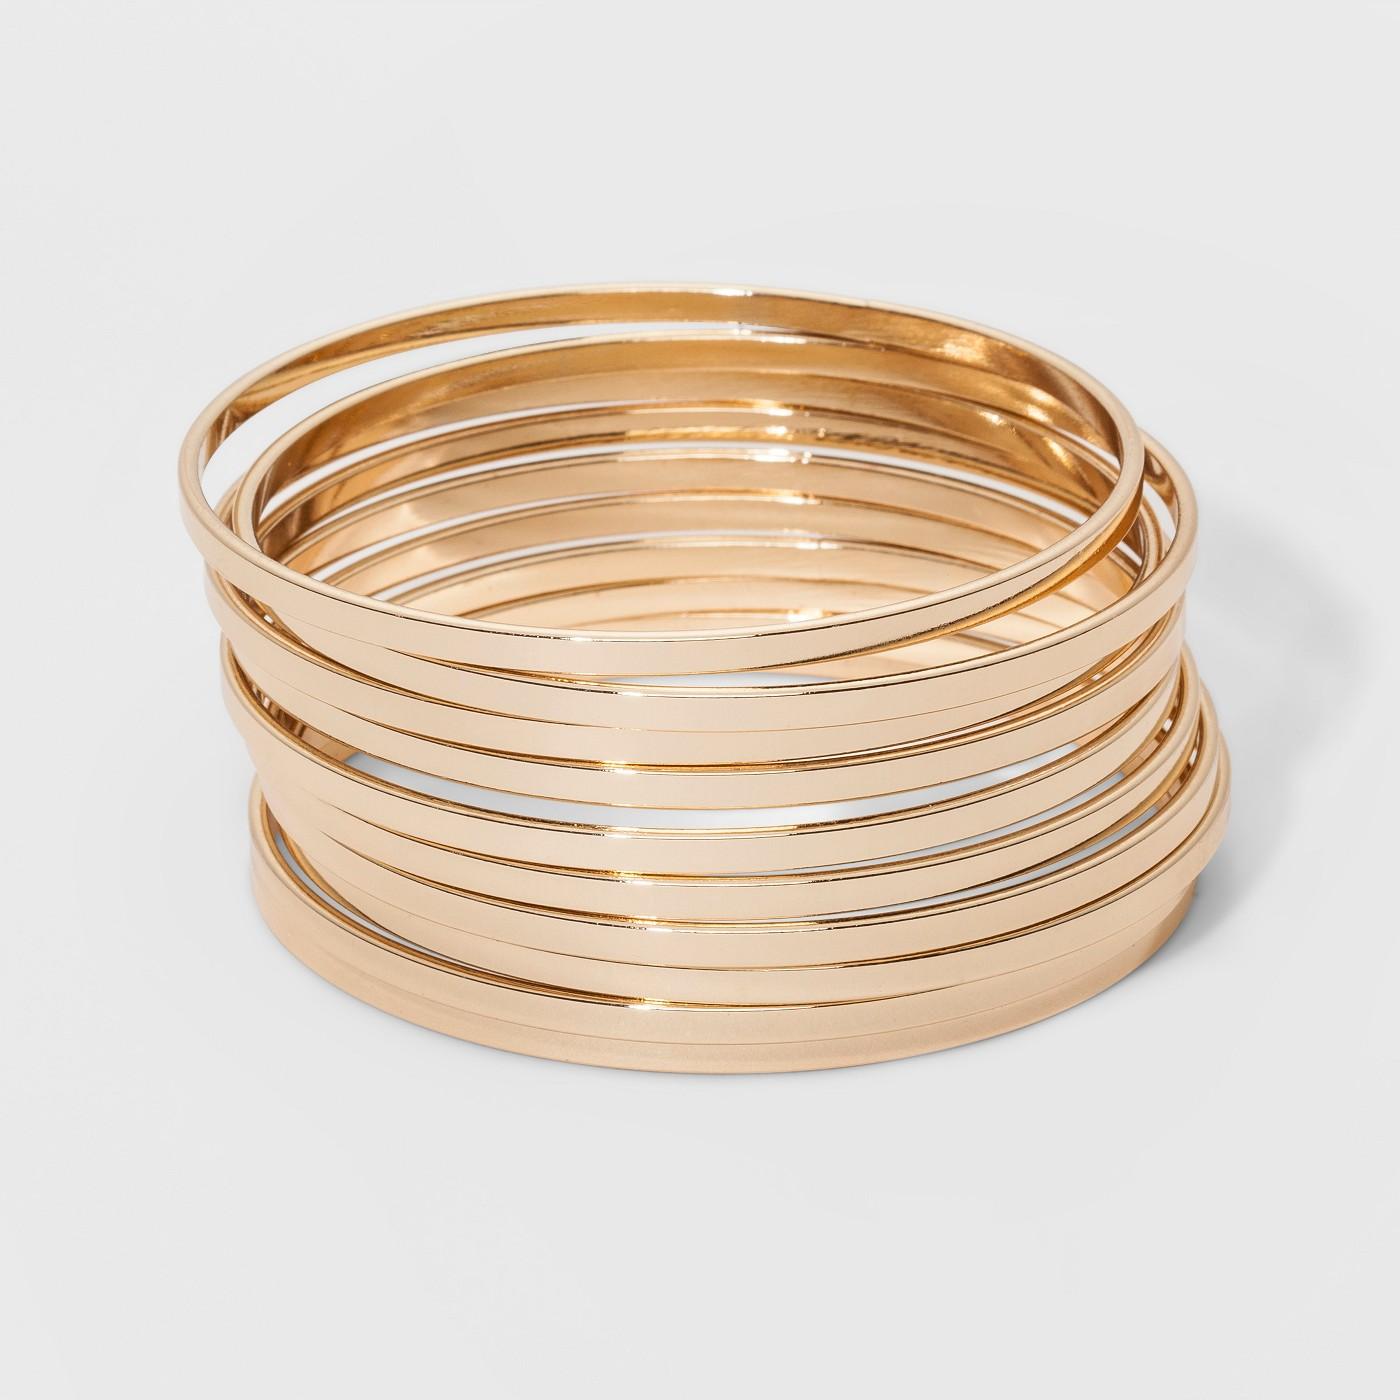 Bangle Bracelet 10pc - A New Day™ Gold - image 1 of 1